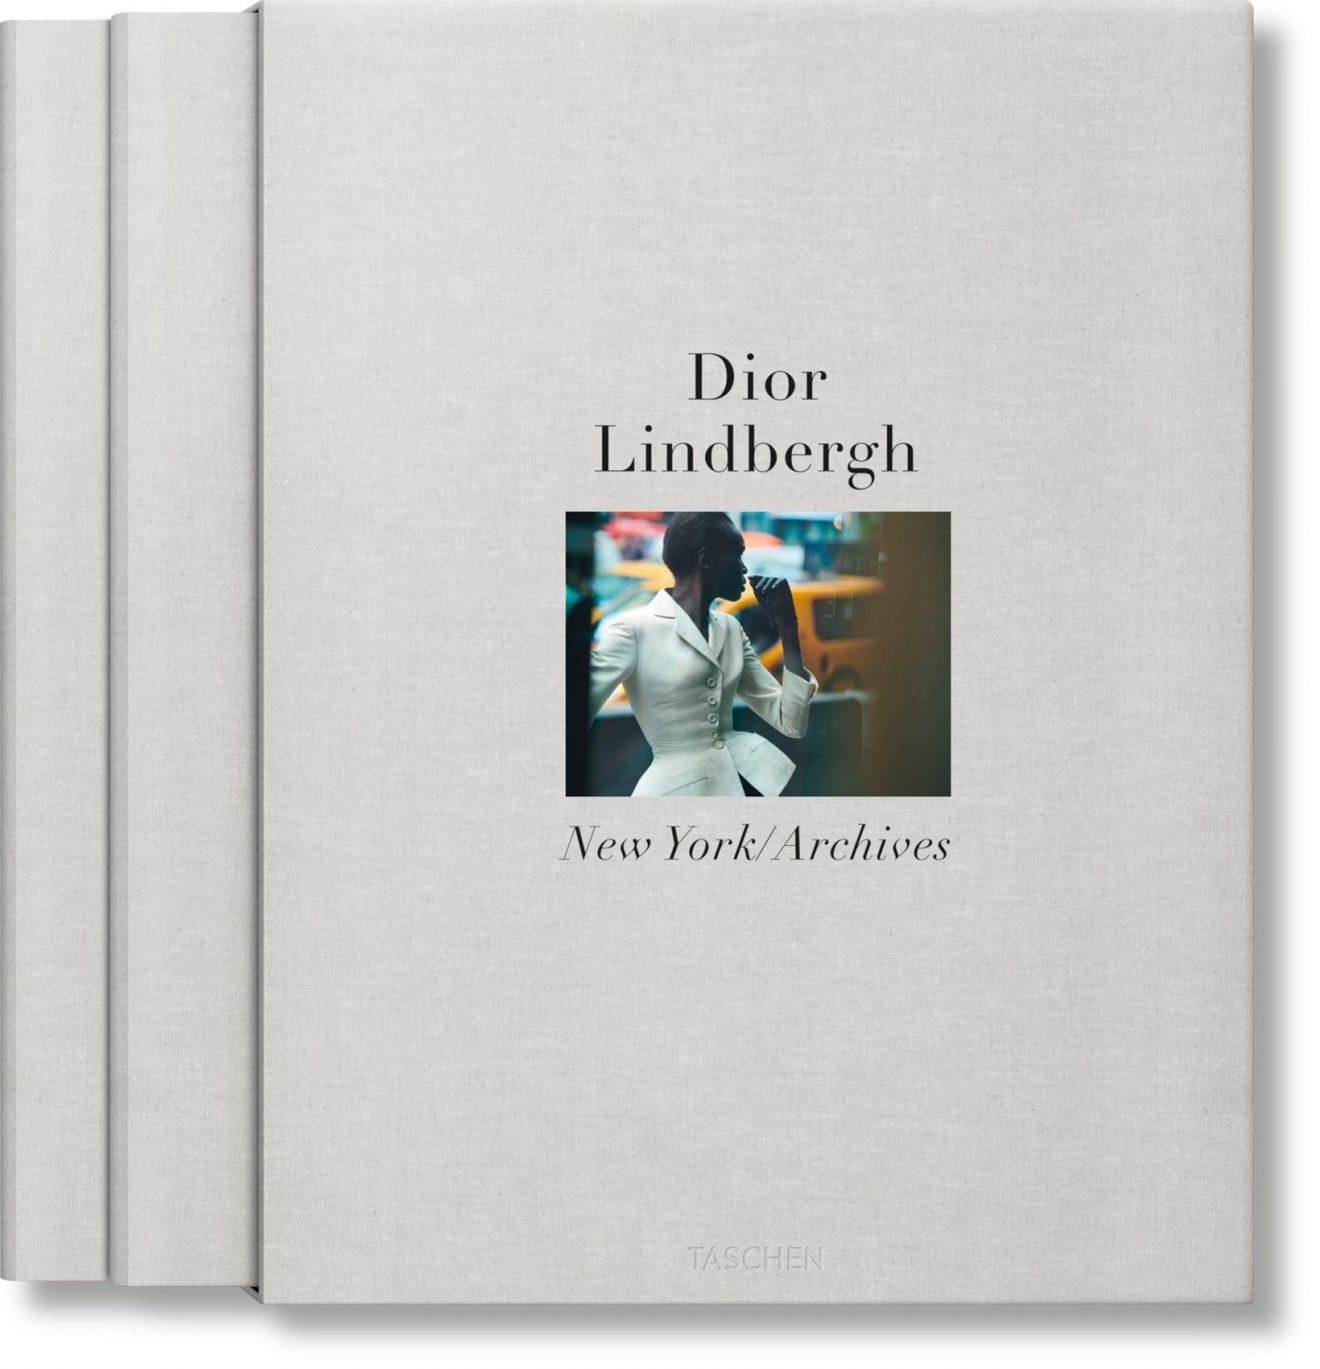 Haute Couture und Fotografie: Im November veröffentlicht Taschen Peter Lindberghs Fotoprojekt für Dior.